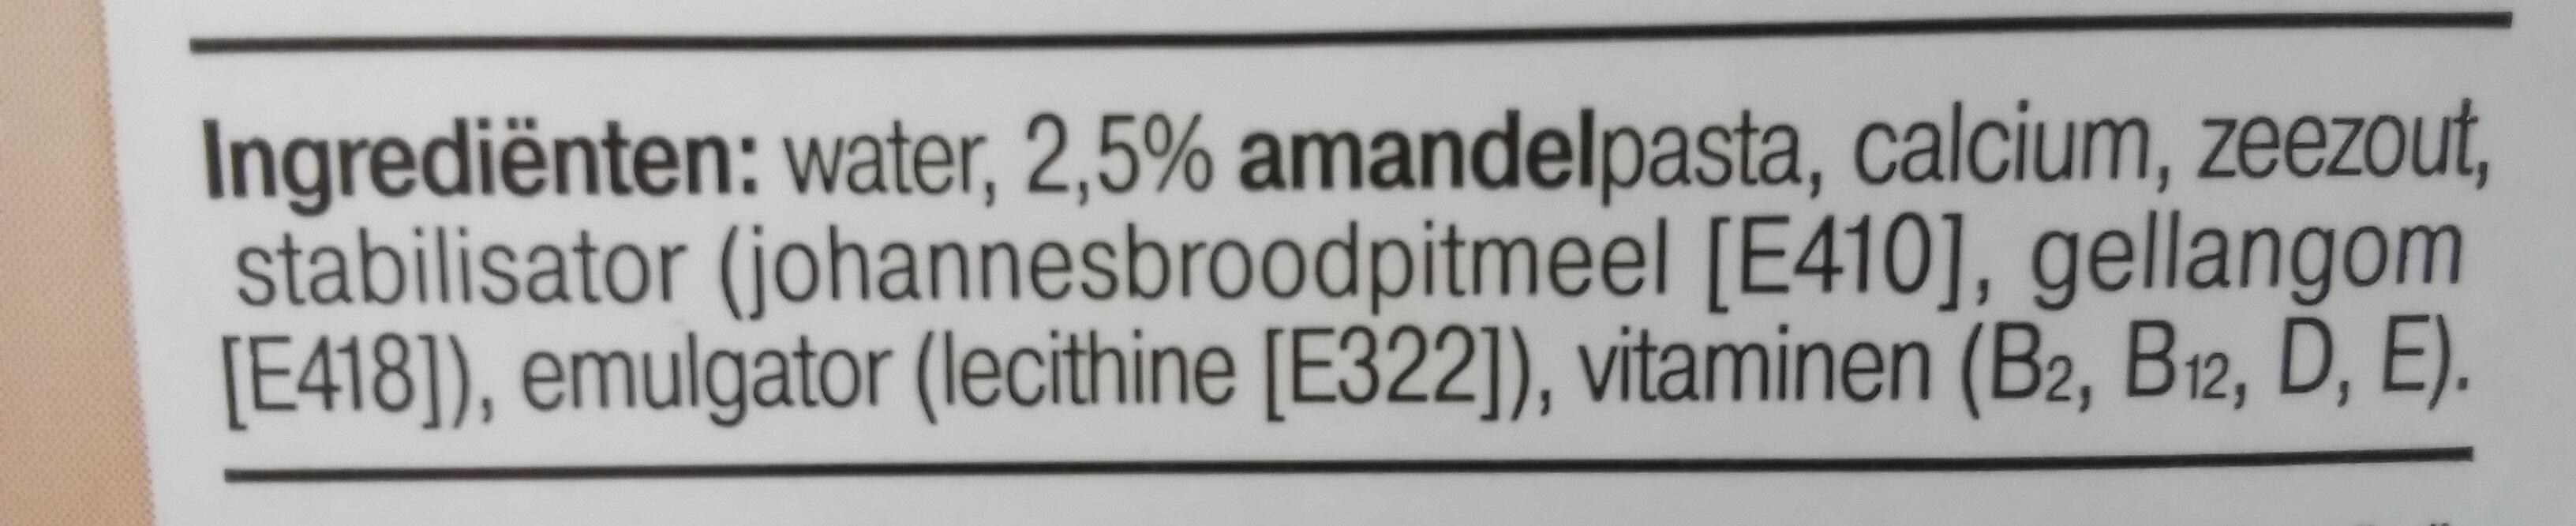 Amandel drink ongezoet - Ingredients - en